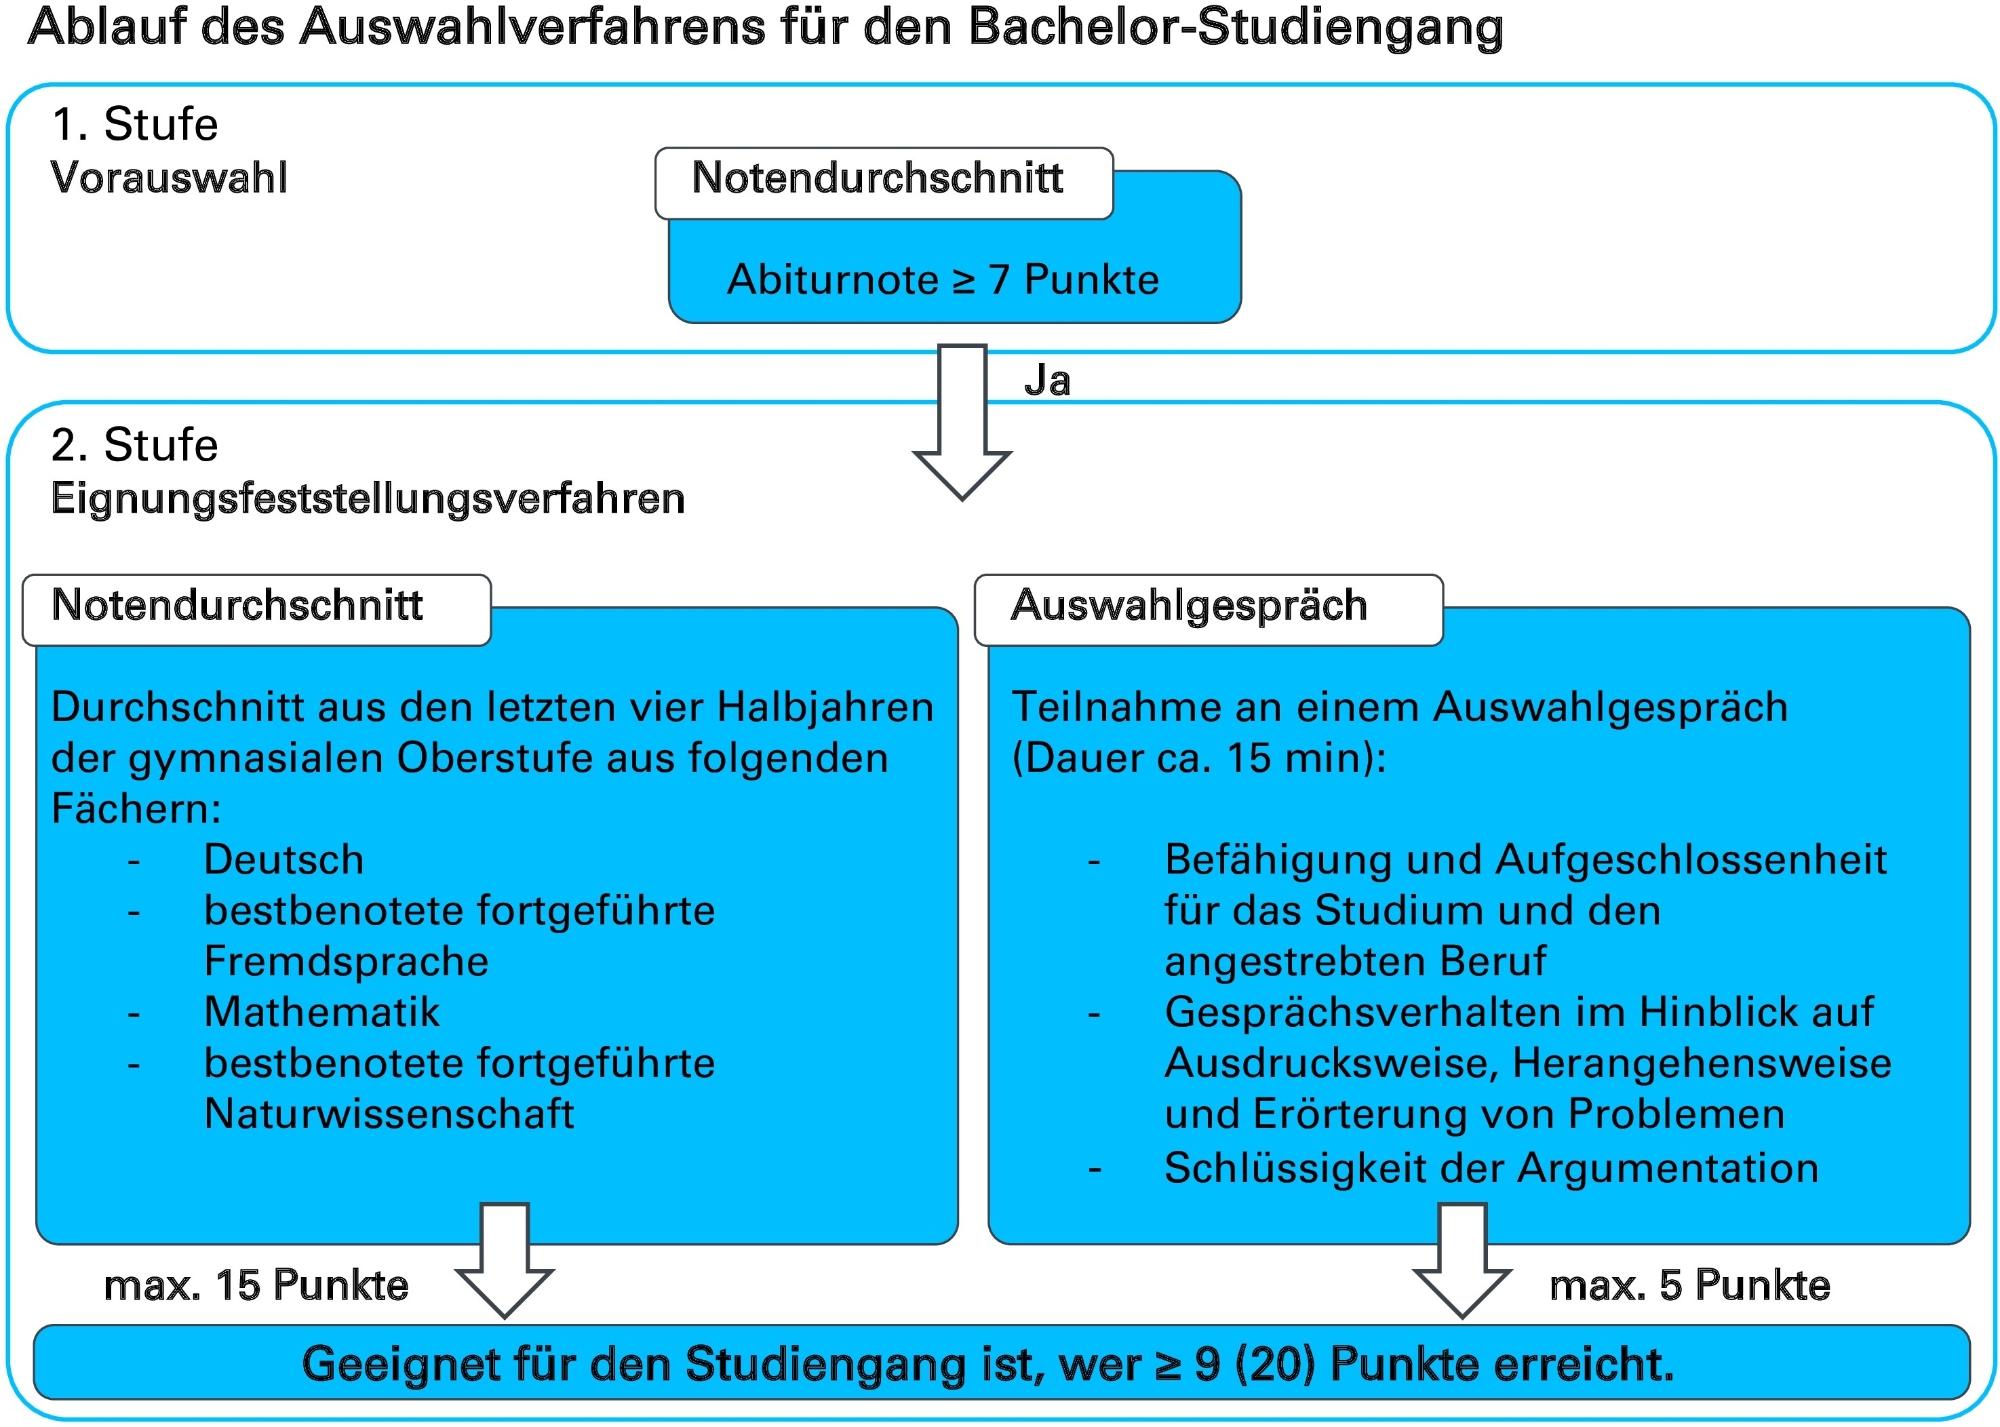 Grafik-Ablauf-Auswahlverfahren-Bachelor